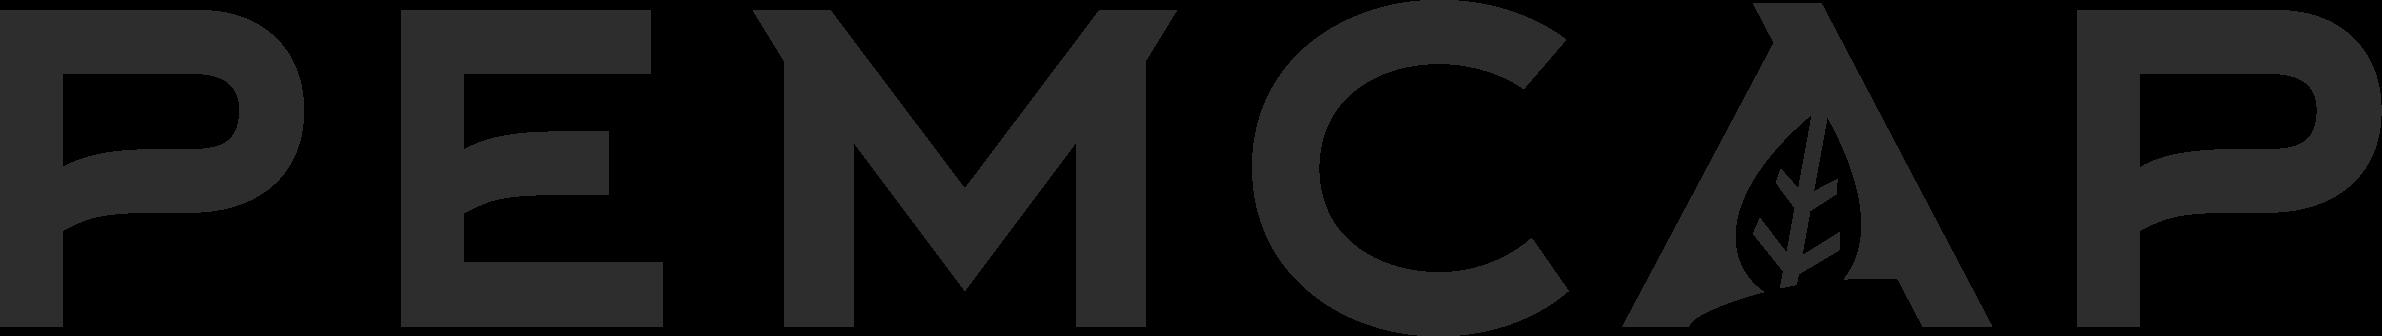 pemcap-logo-k.png